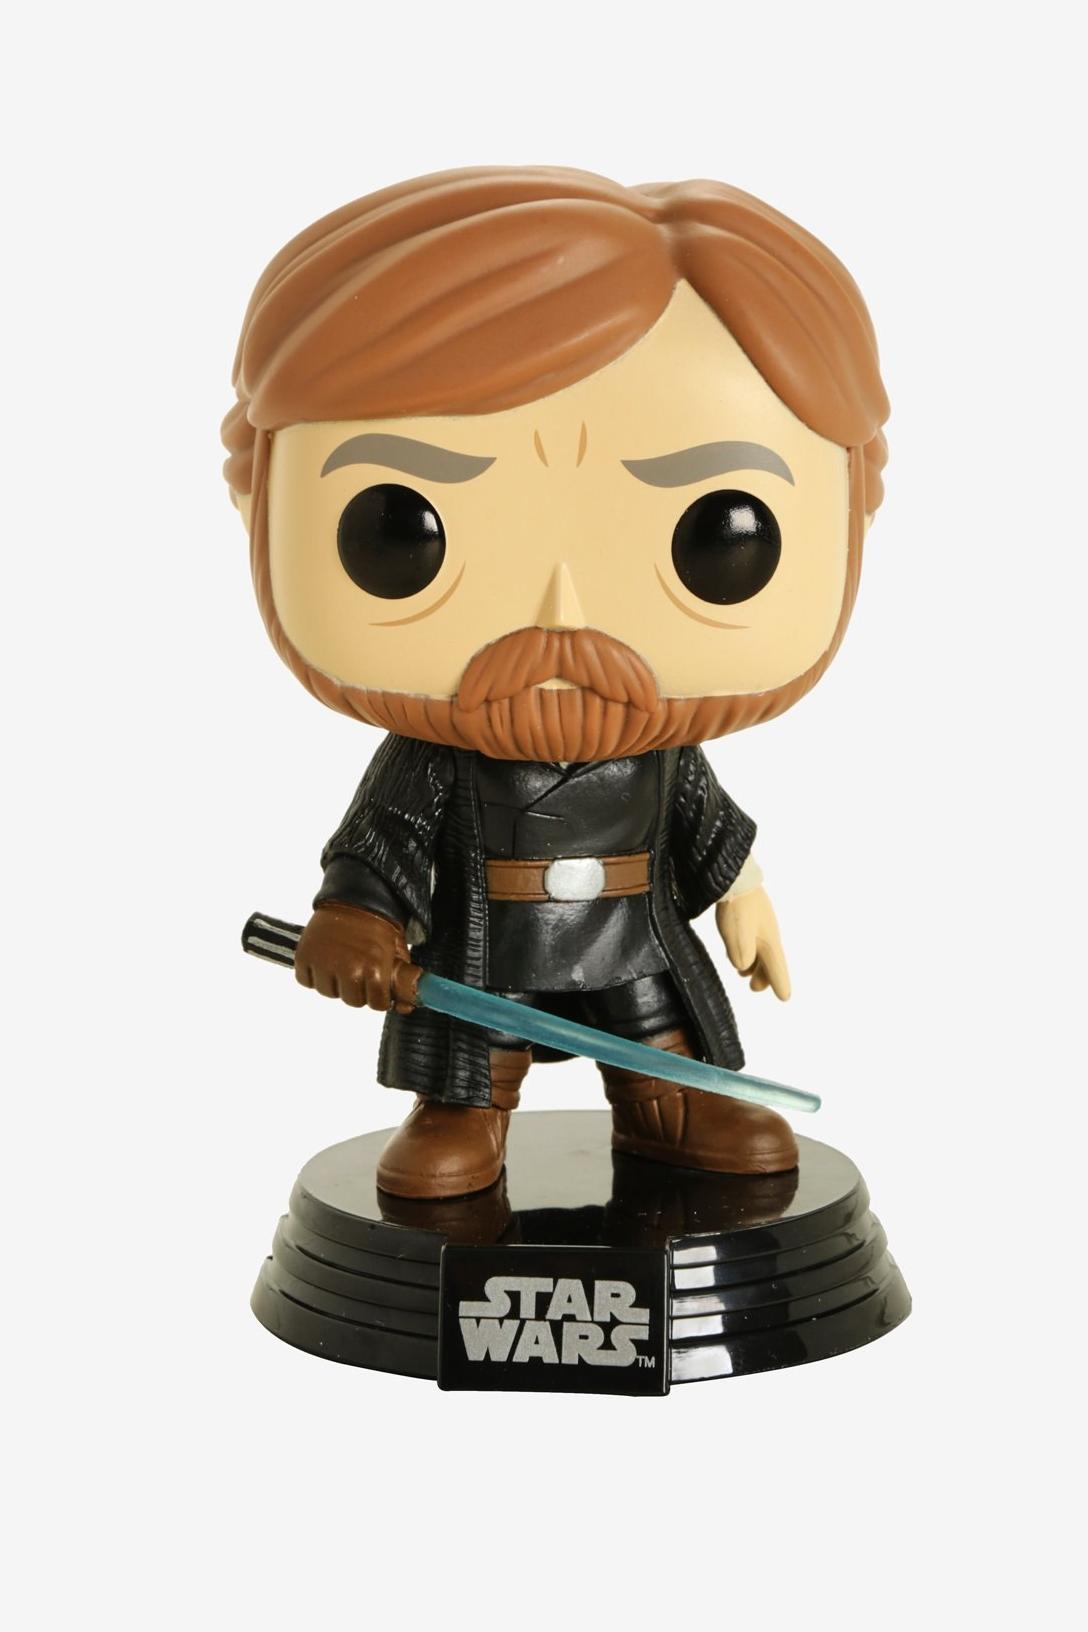 The Last Jedi Funko Pop Star Wars™ Luke Skywalker Vinyl Bobble-Head 31788